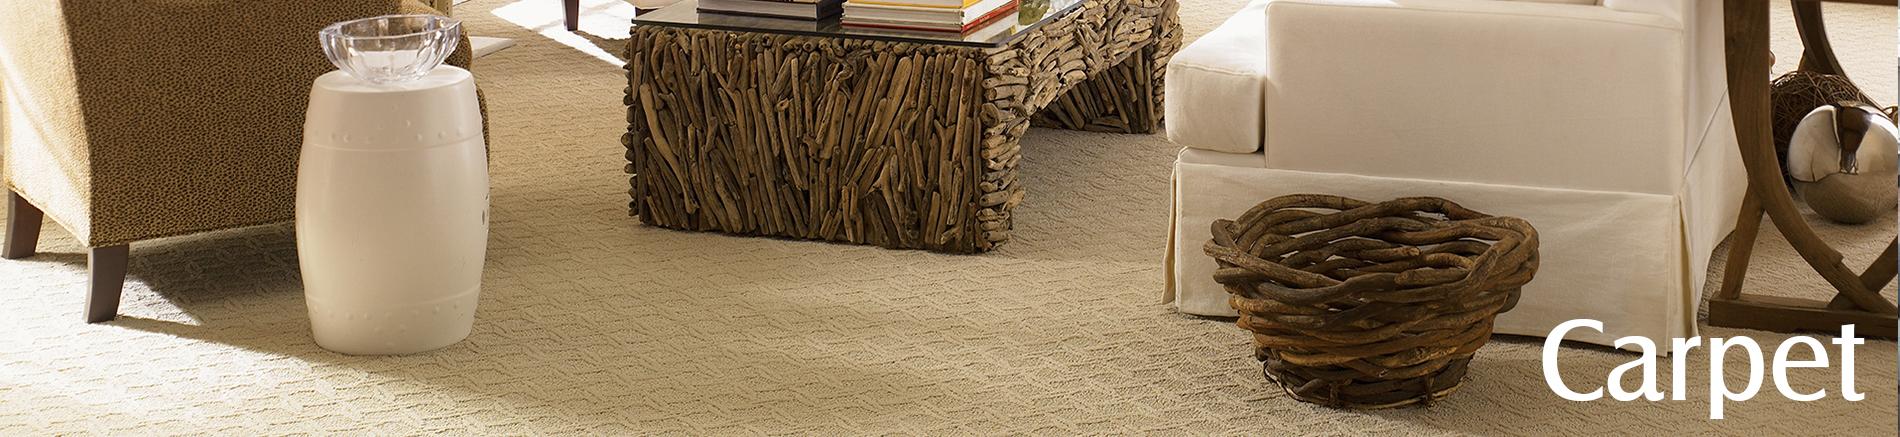 Carpet Banner